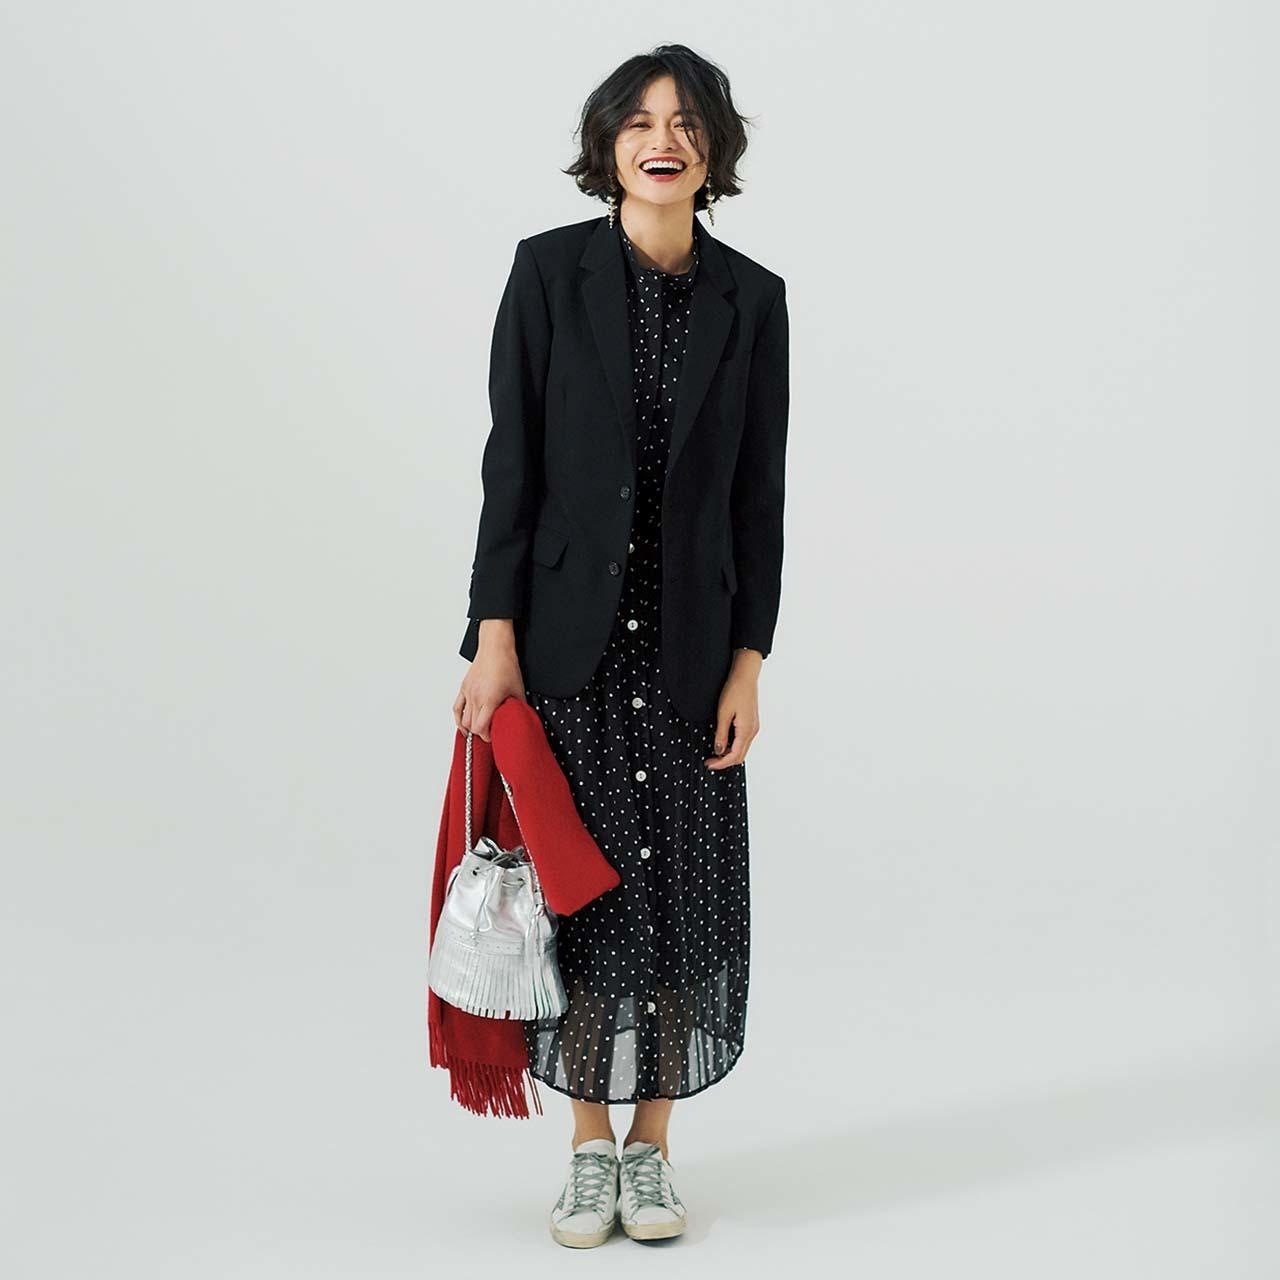 黒のジャケット&ドットワンピースのファッションコーデ